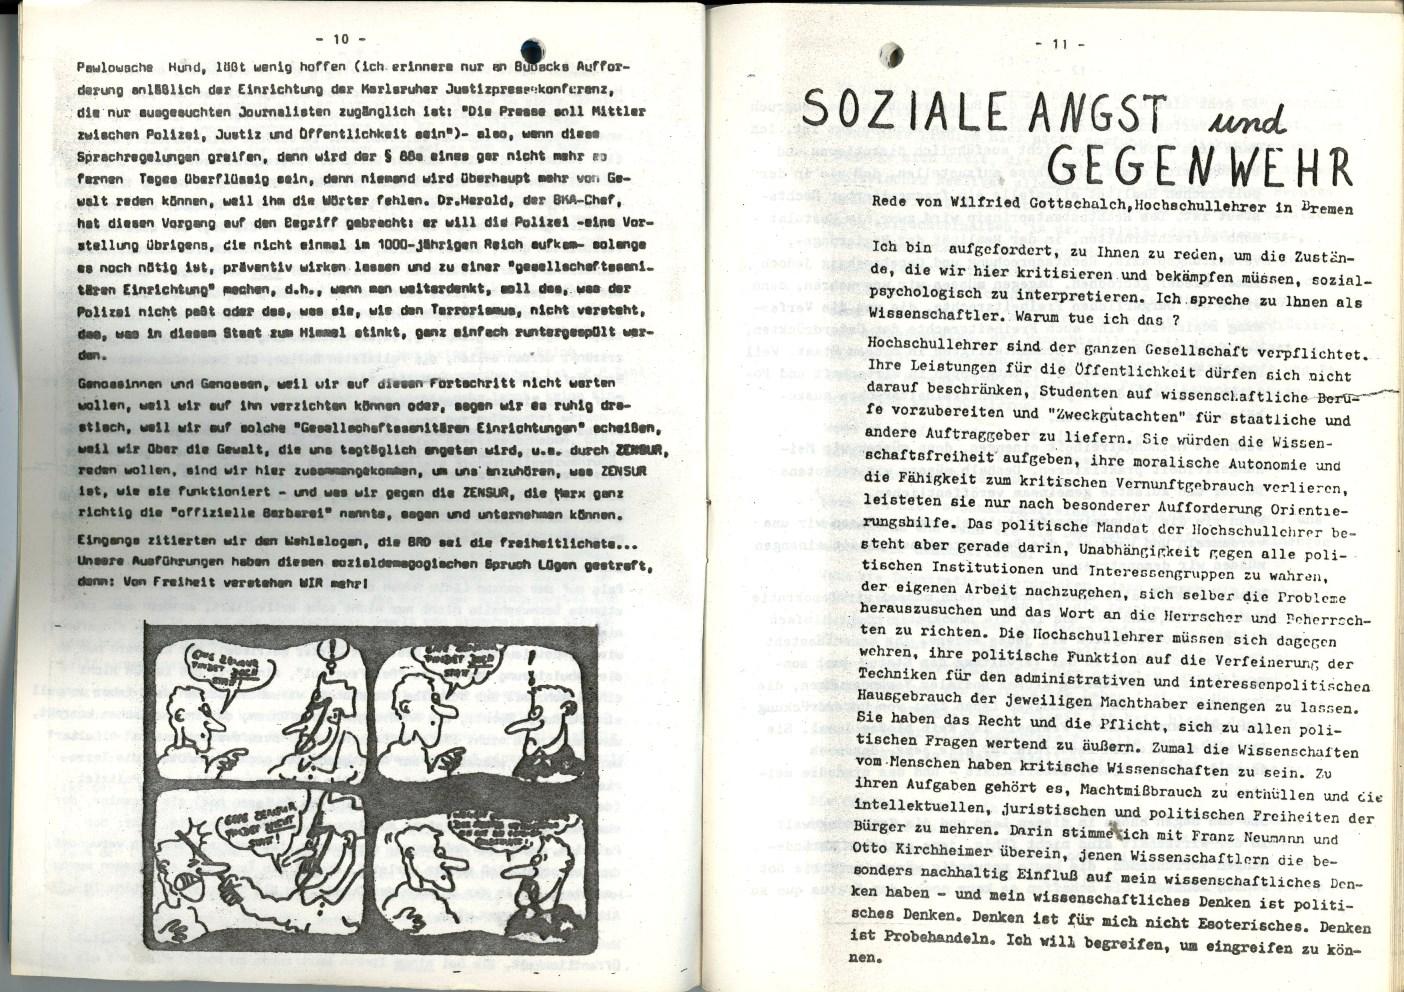 Hamburg_Vorbereitungsgruppe_Russell_Tribunal_Zensur_1978_06